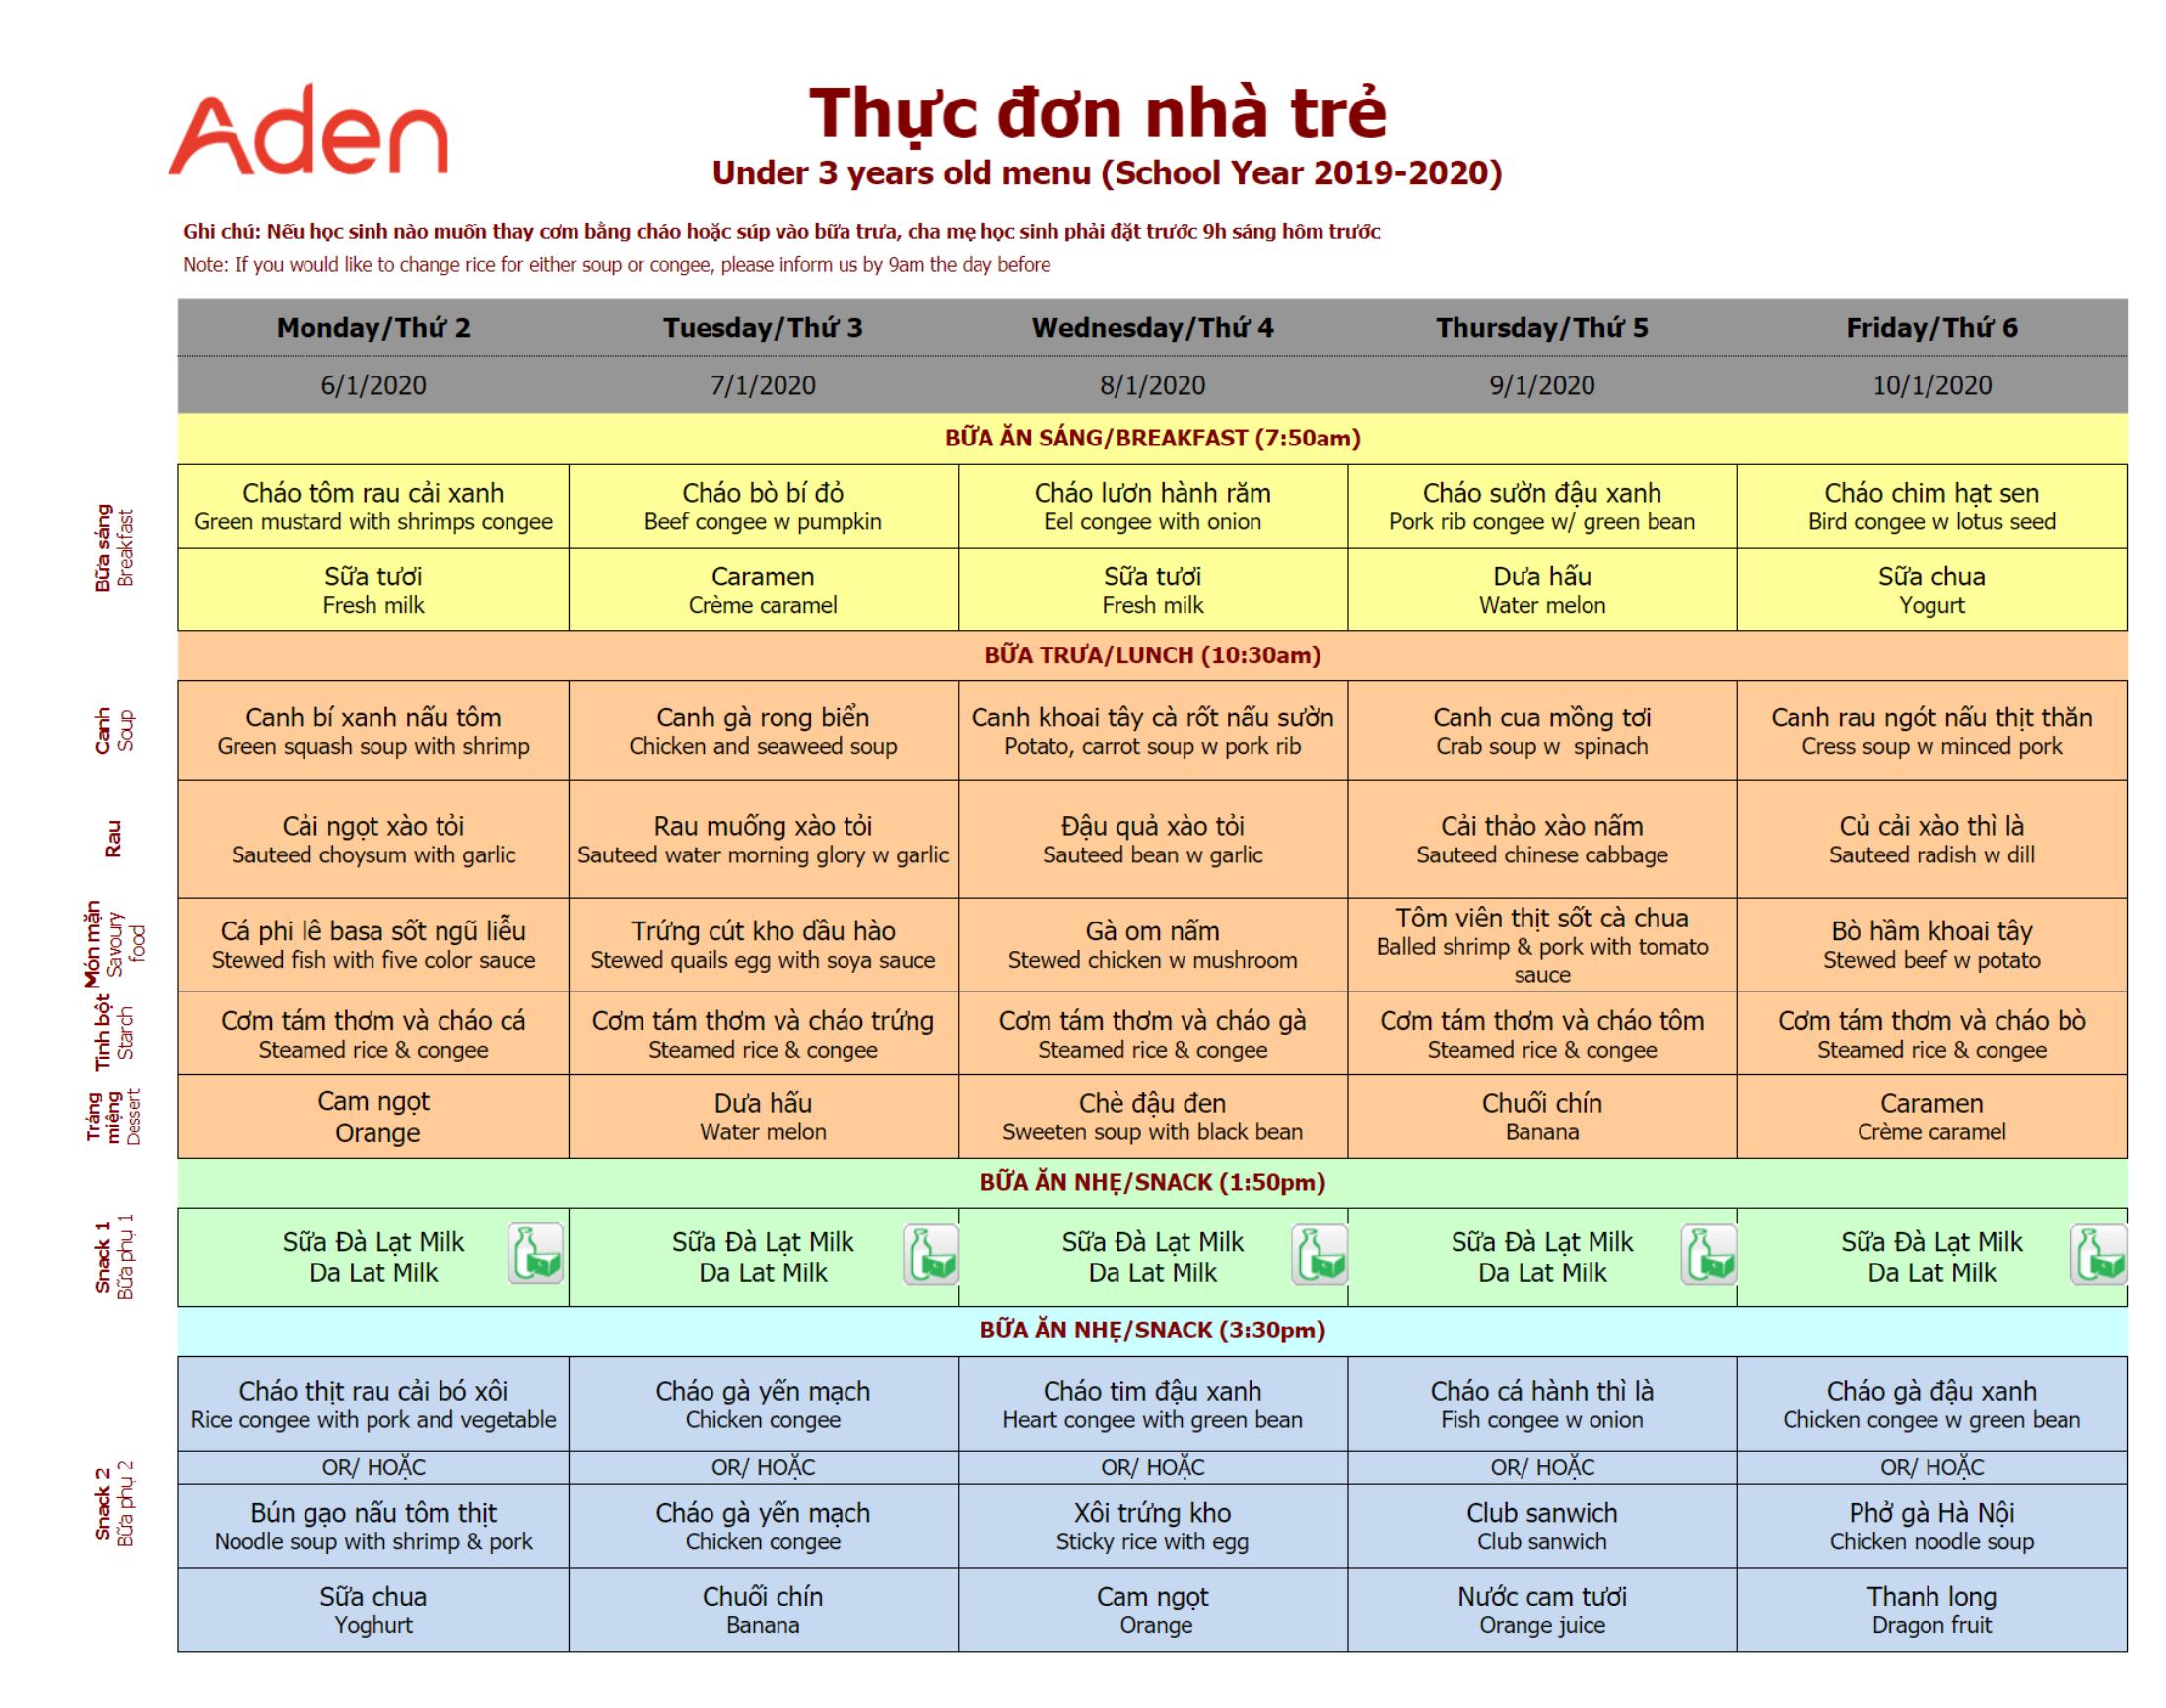 Thực đơn nhà trẻ trường Hanoi Academy Thực đơn tuần 21 (06/01 – 10/01)